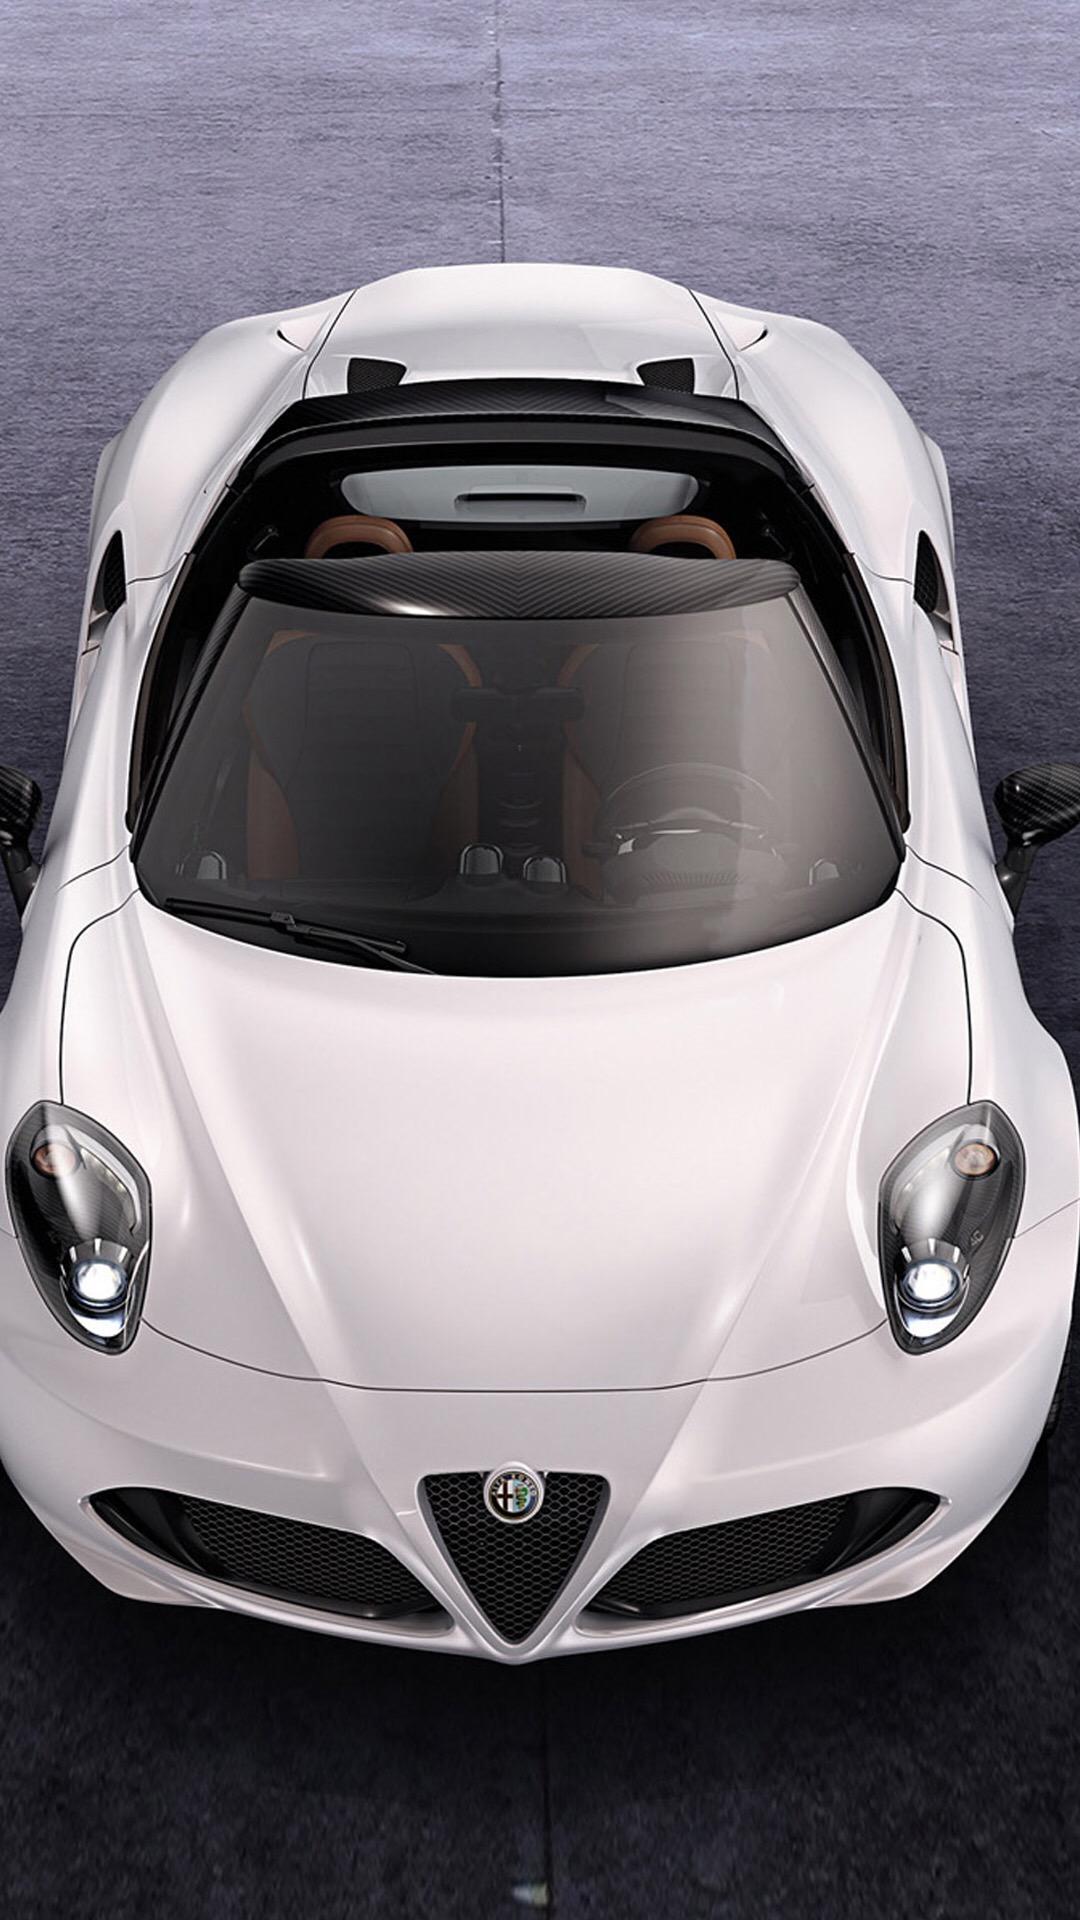 豪车 跑车 名车 白色 赛车 苹果手机高清壁纸 1080x